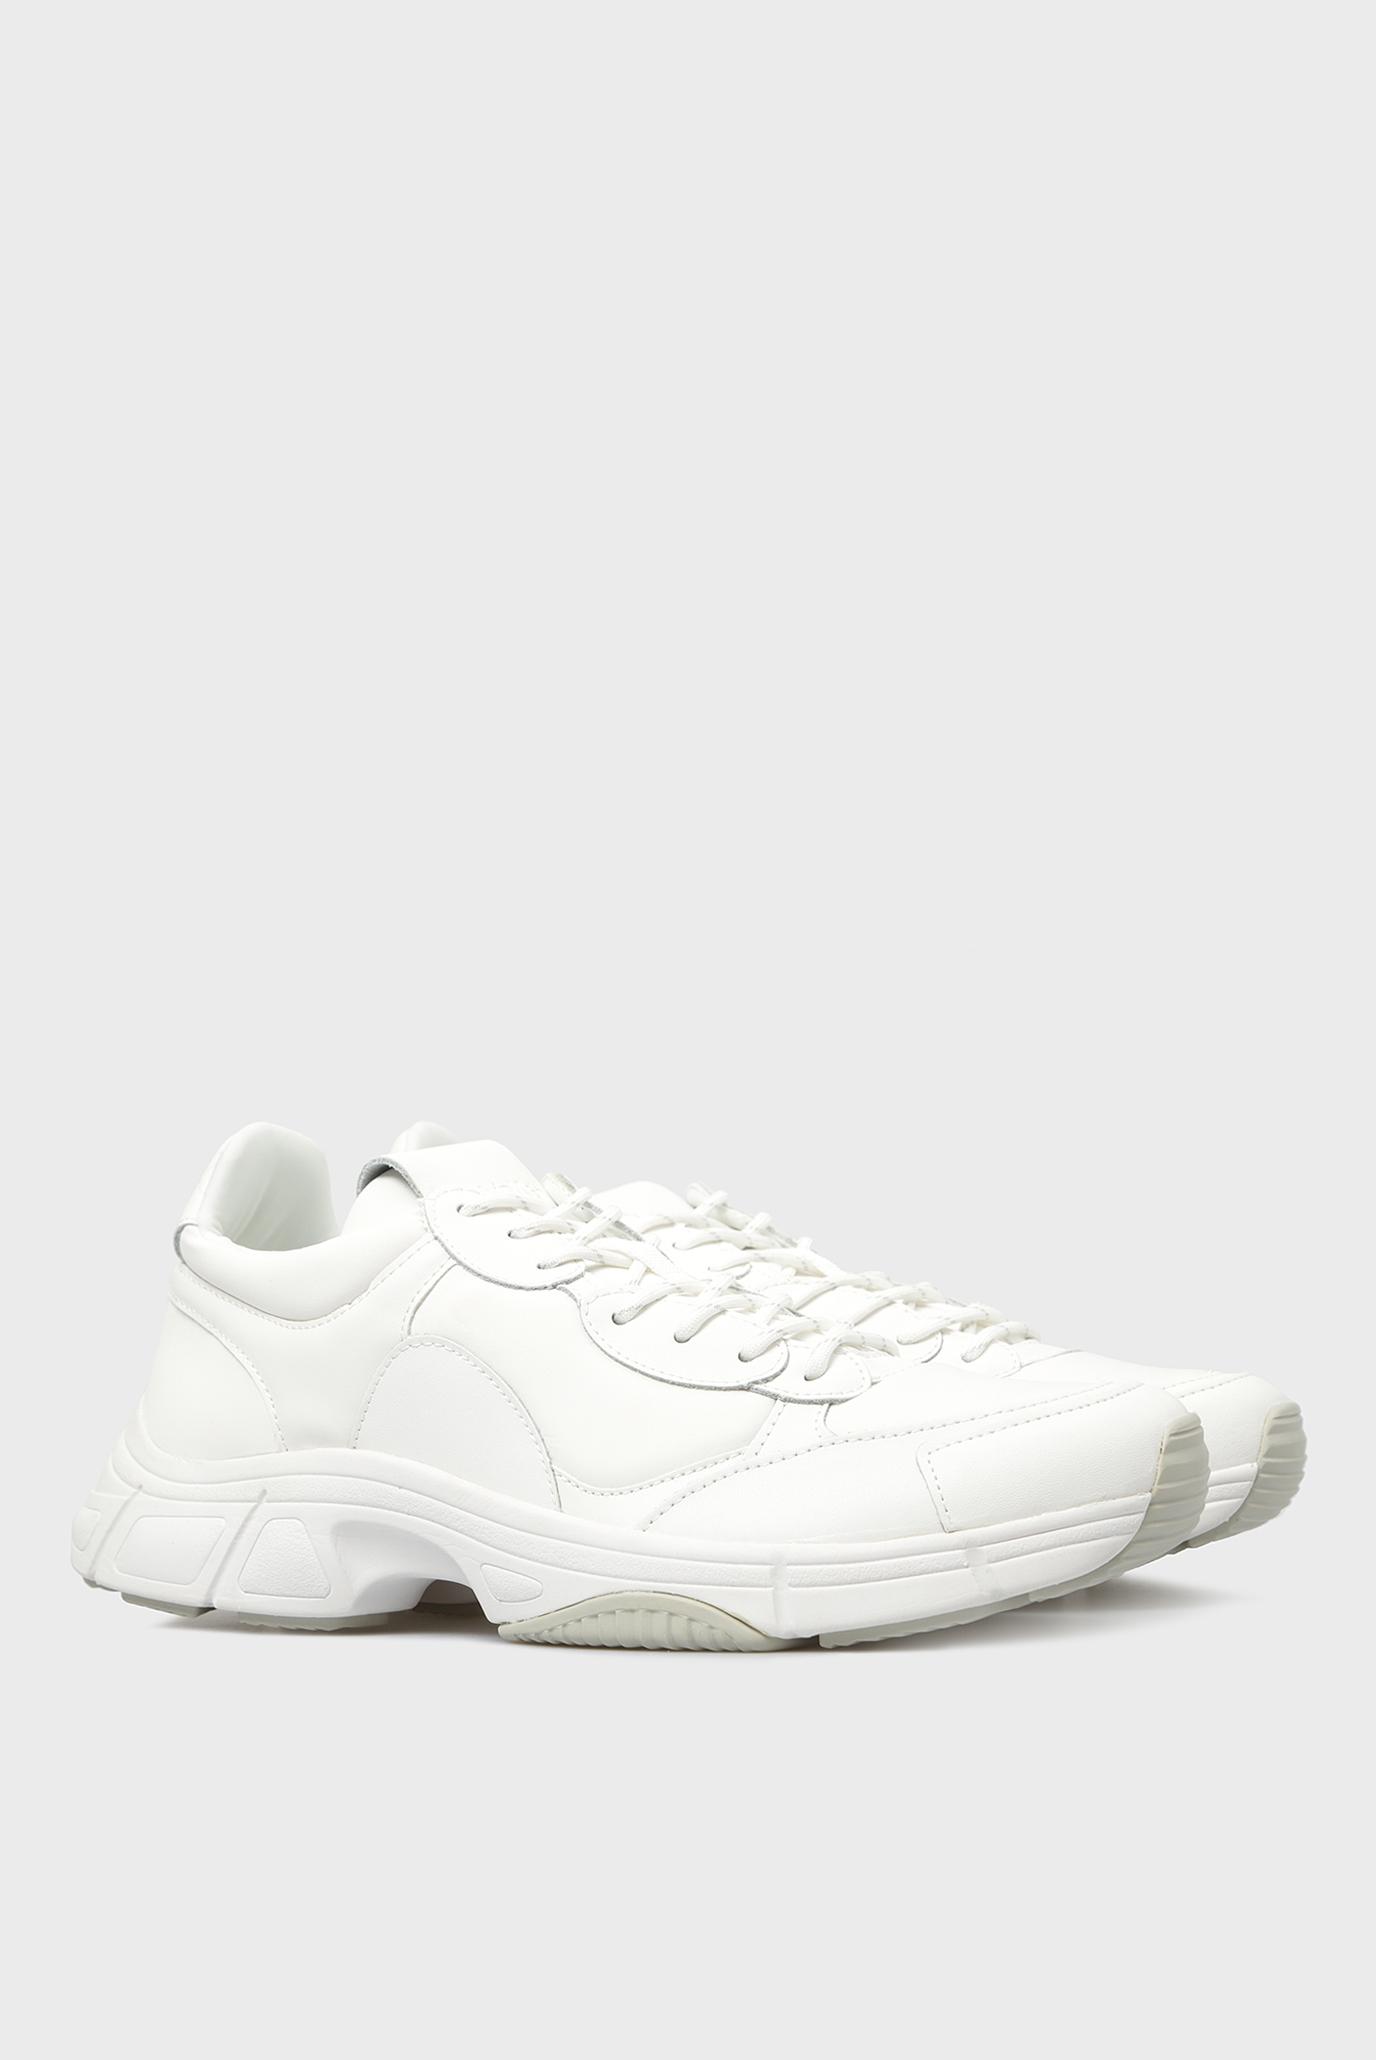 Купить Мужские белые кожаные кроссовки DAXTON NAPPA SMOOTH Calvin Klein Calvin Klein F1277 – Киев, Украина. Цены в интернет магазине MD Fashion